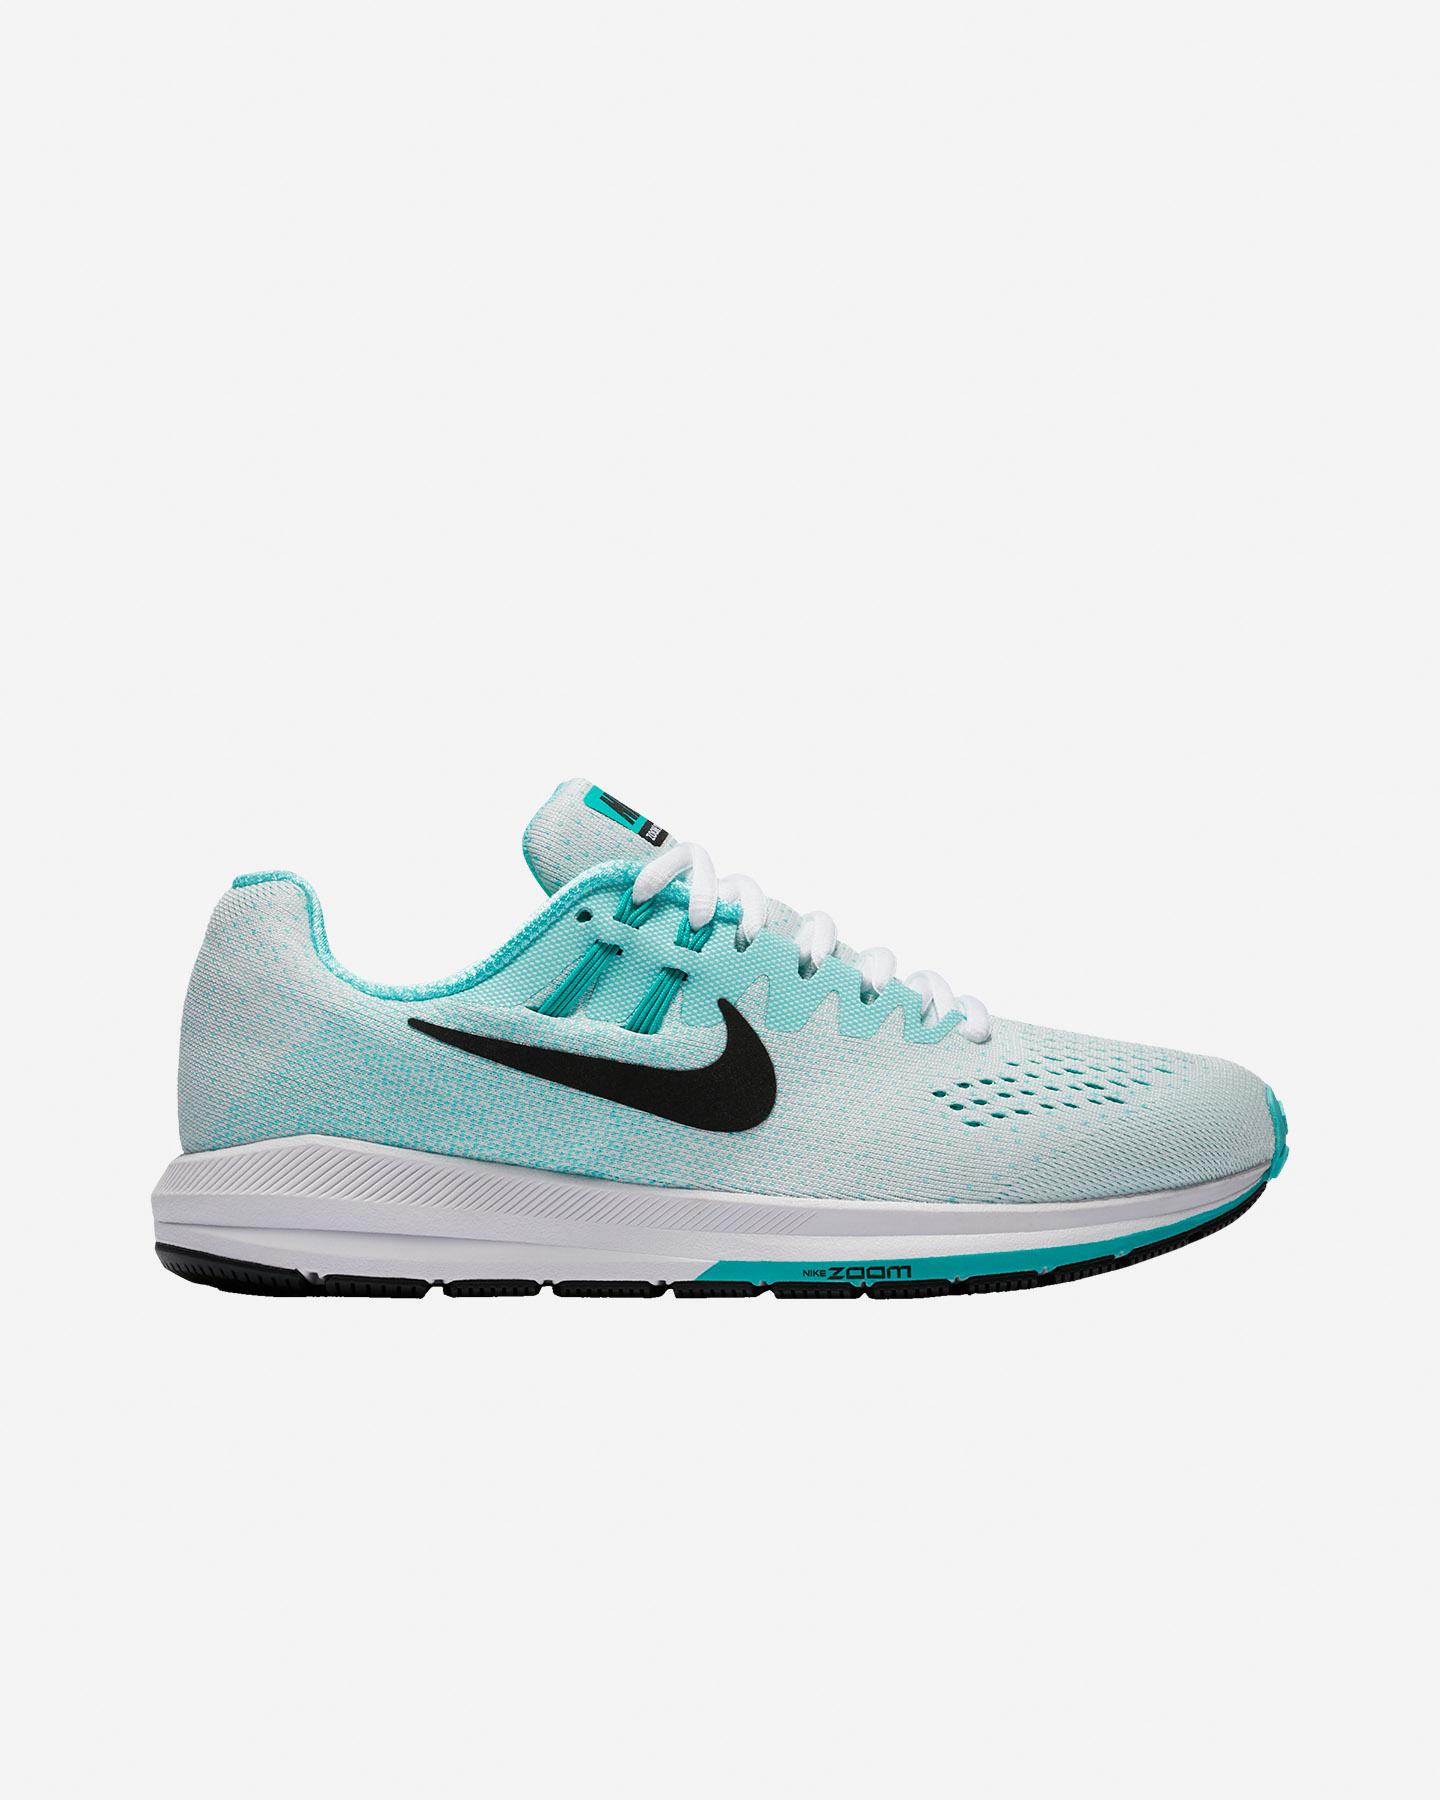 Uomo | Scarpe Nike AIR ZOOM STRUCTURE 20 Scarpe da corsa